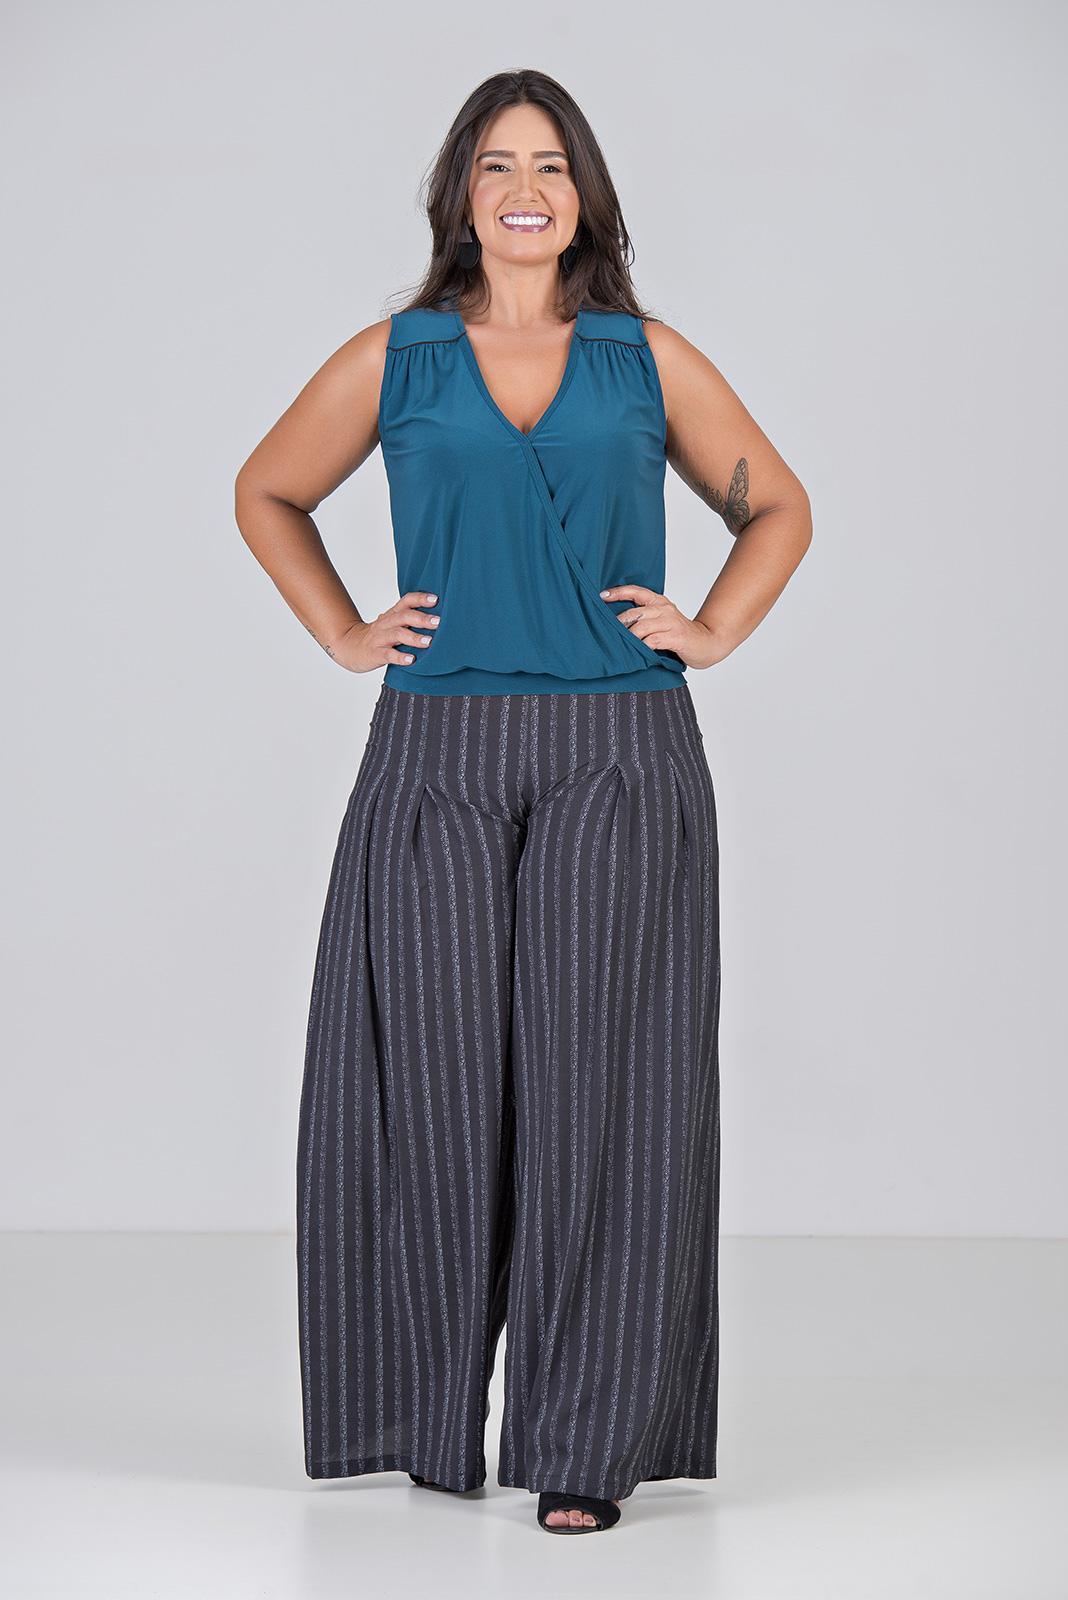 Blusa Cashecouer De Malha - Plus Size